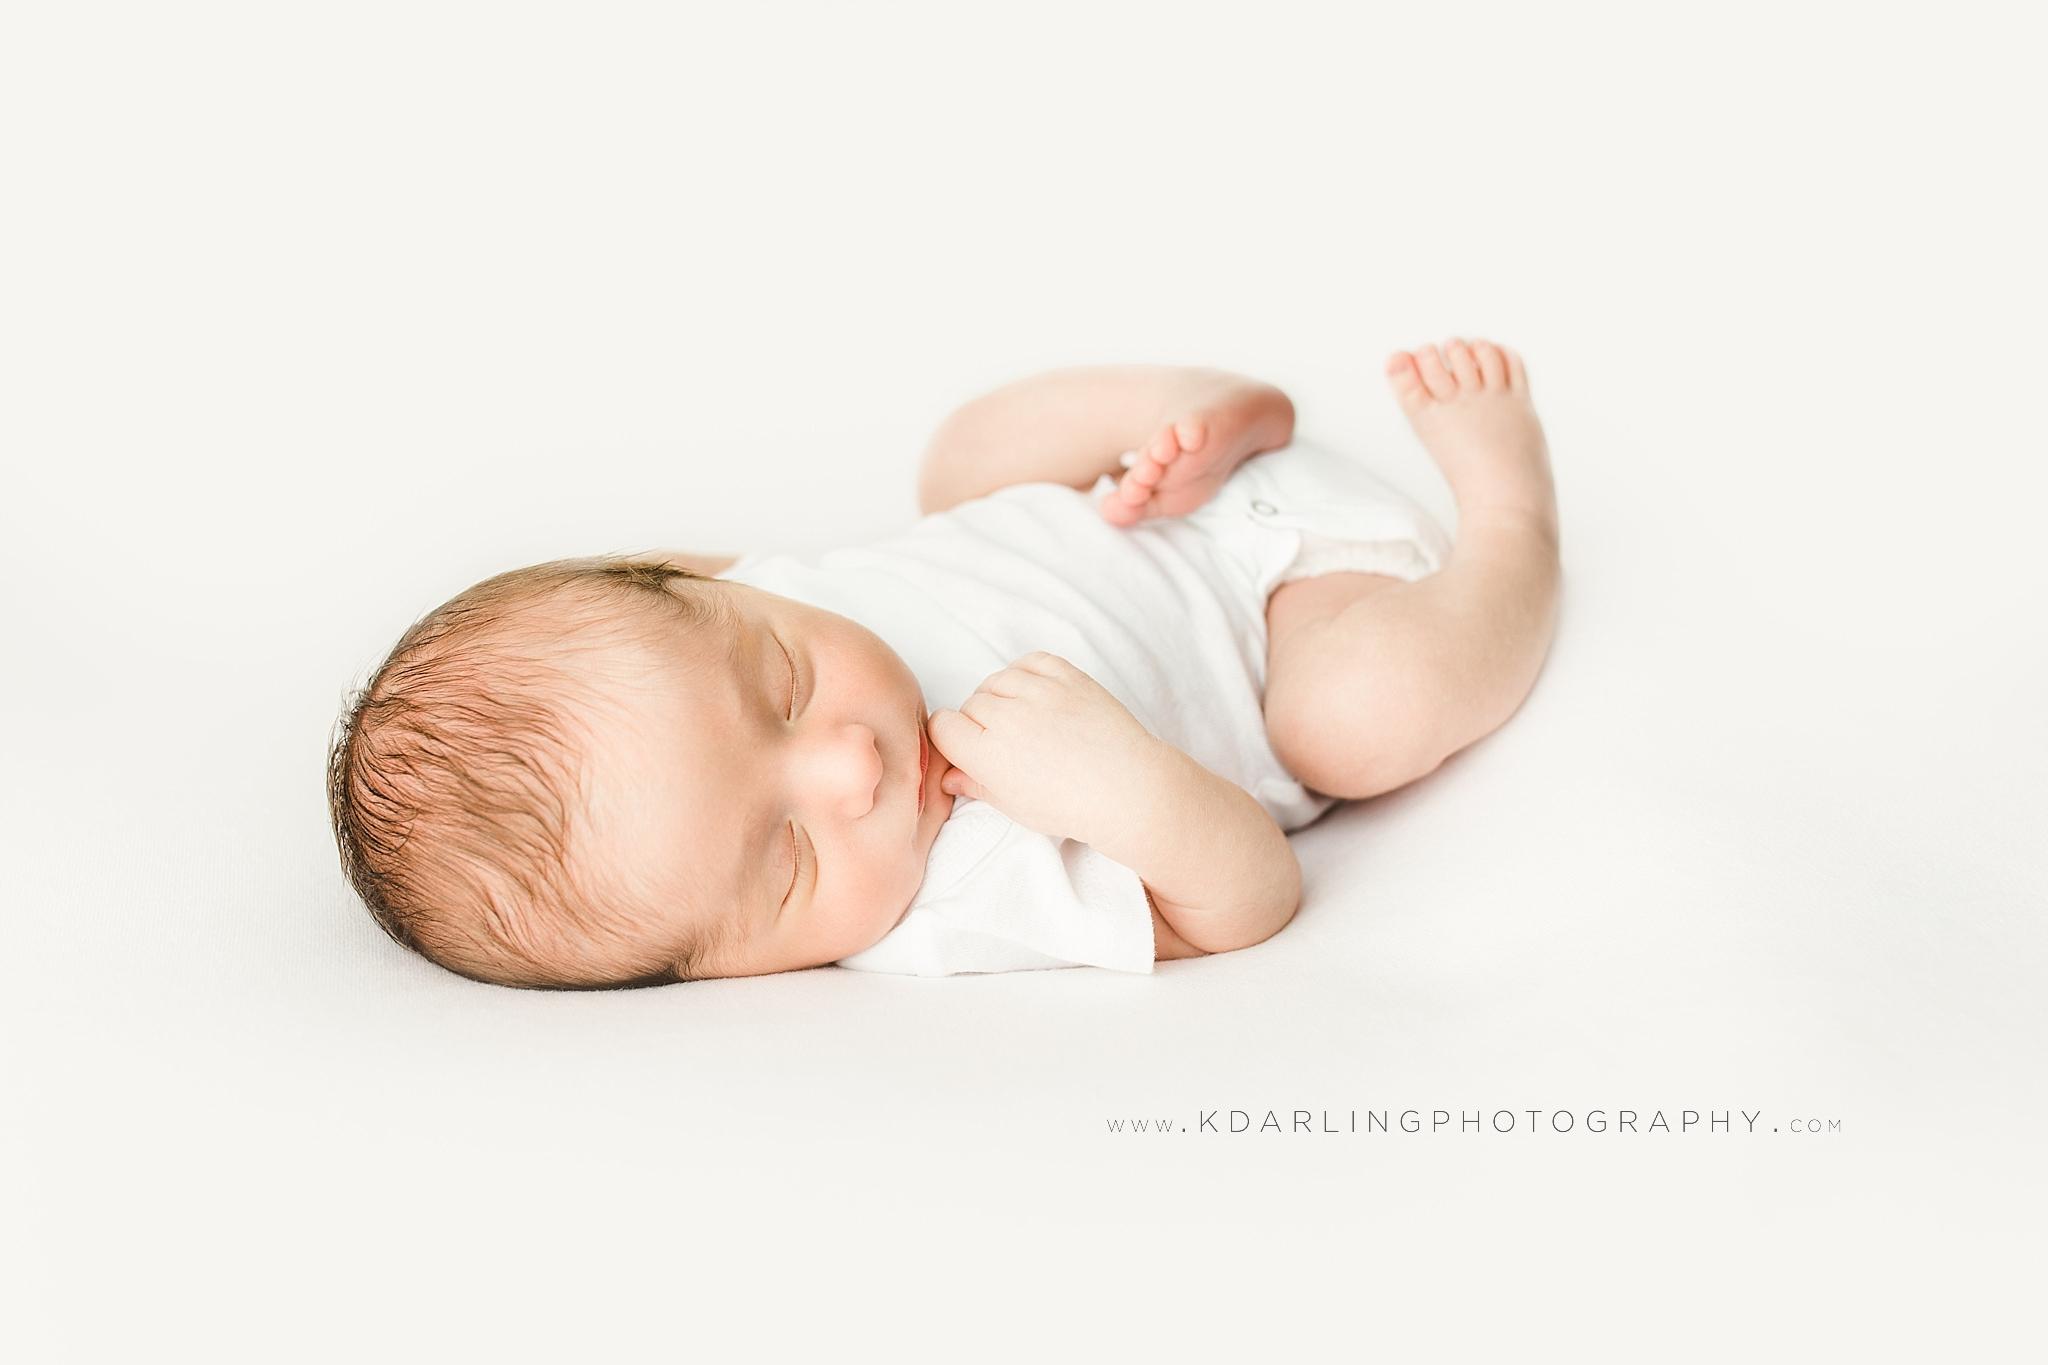 Newborn baby boy sleeping wearing white onesie